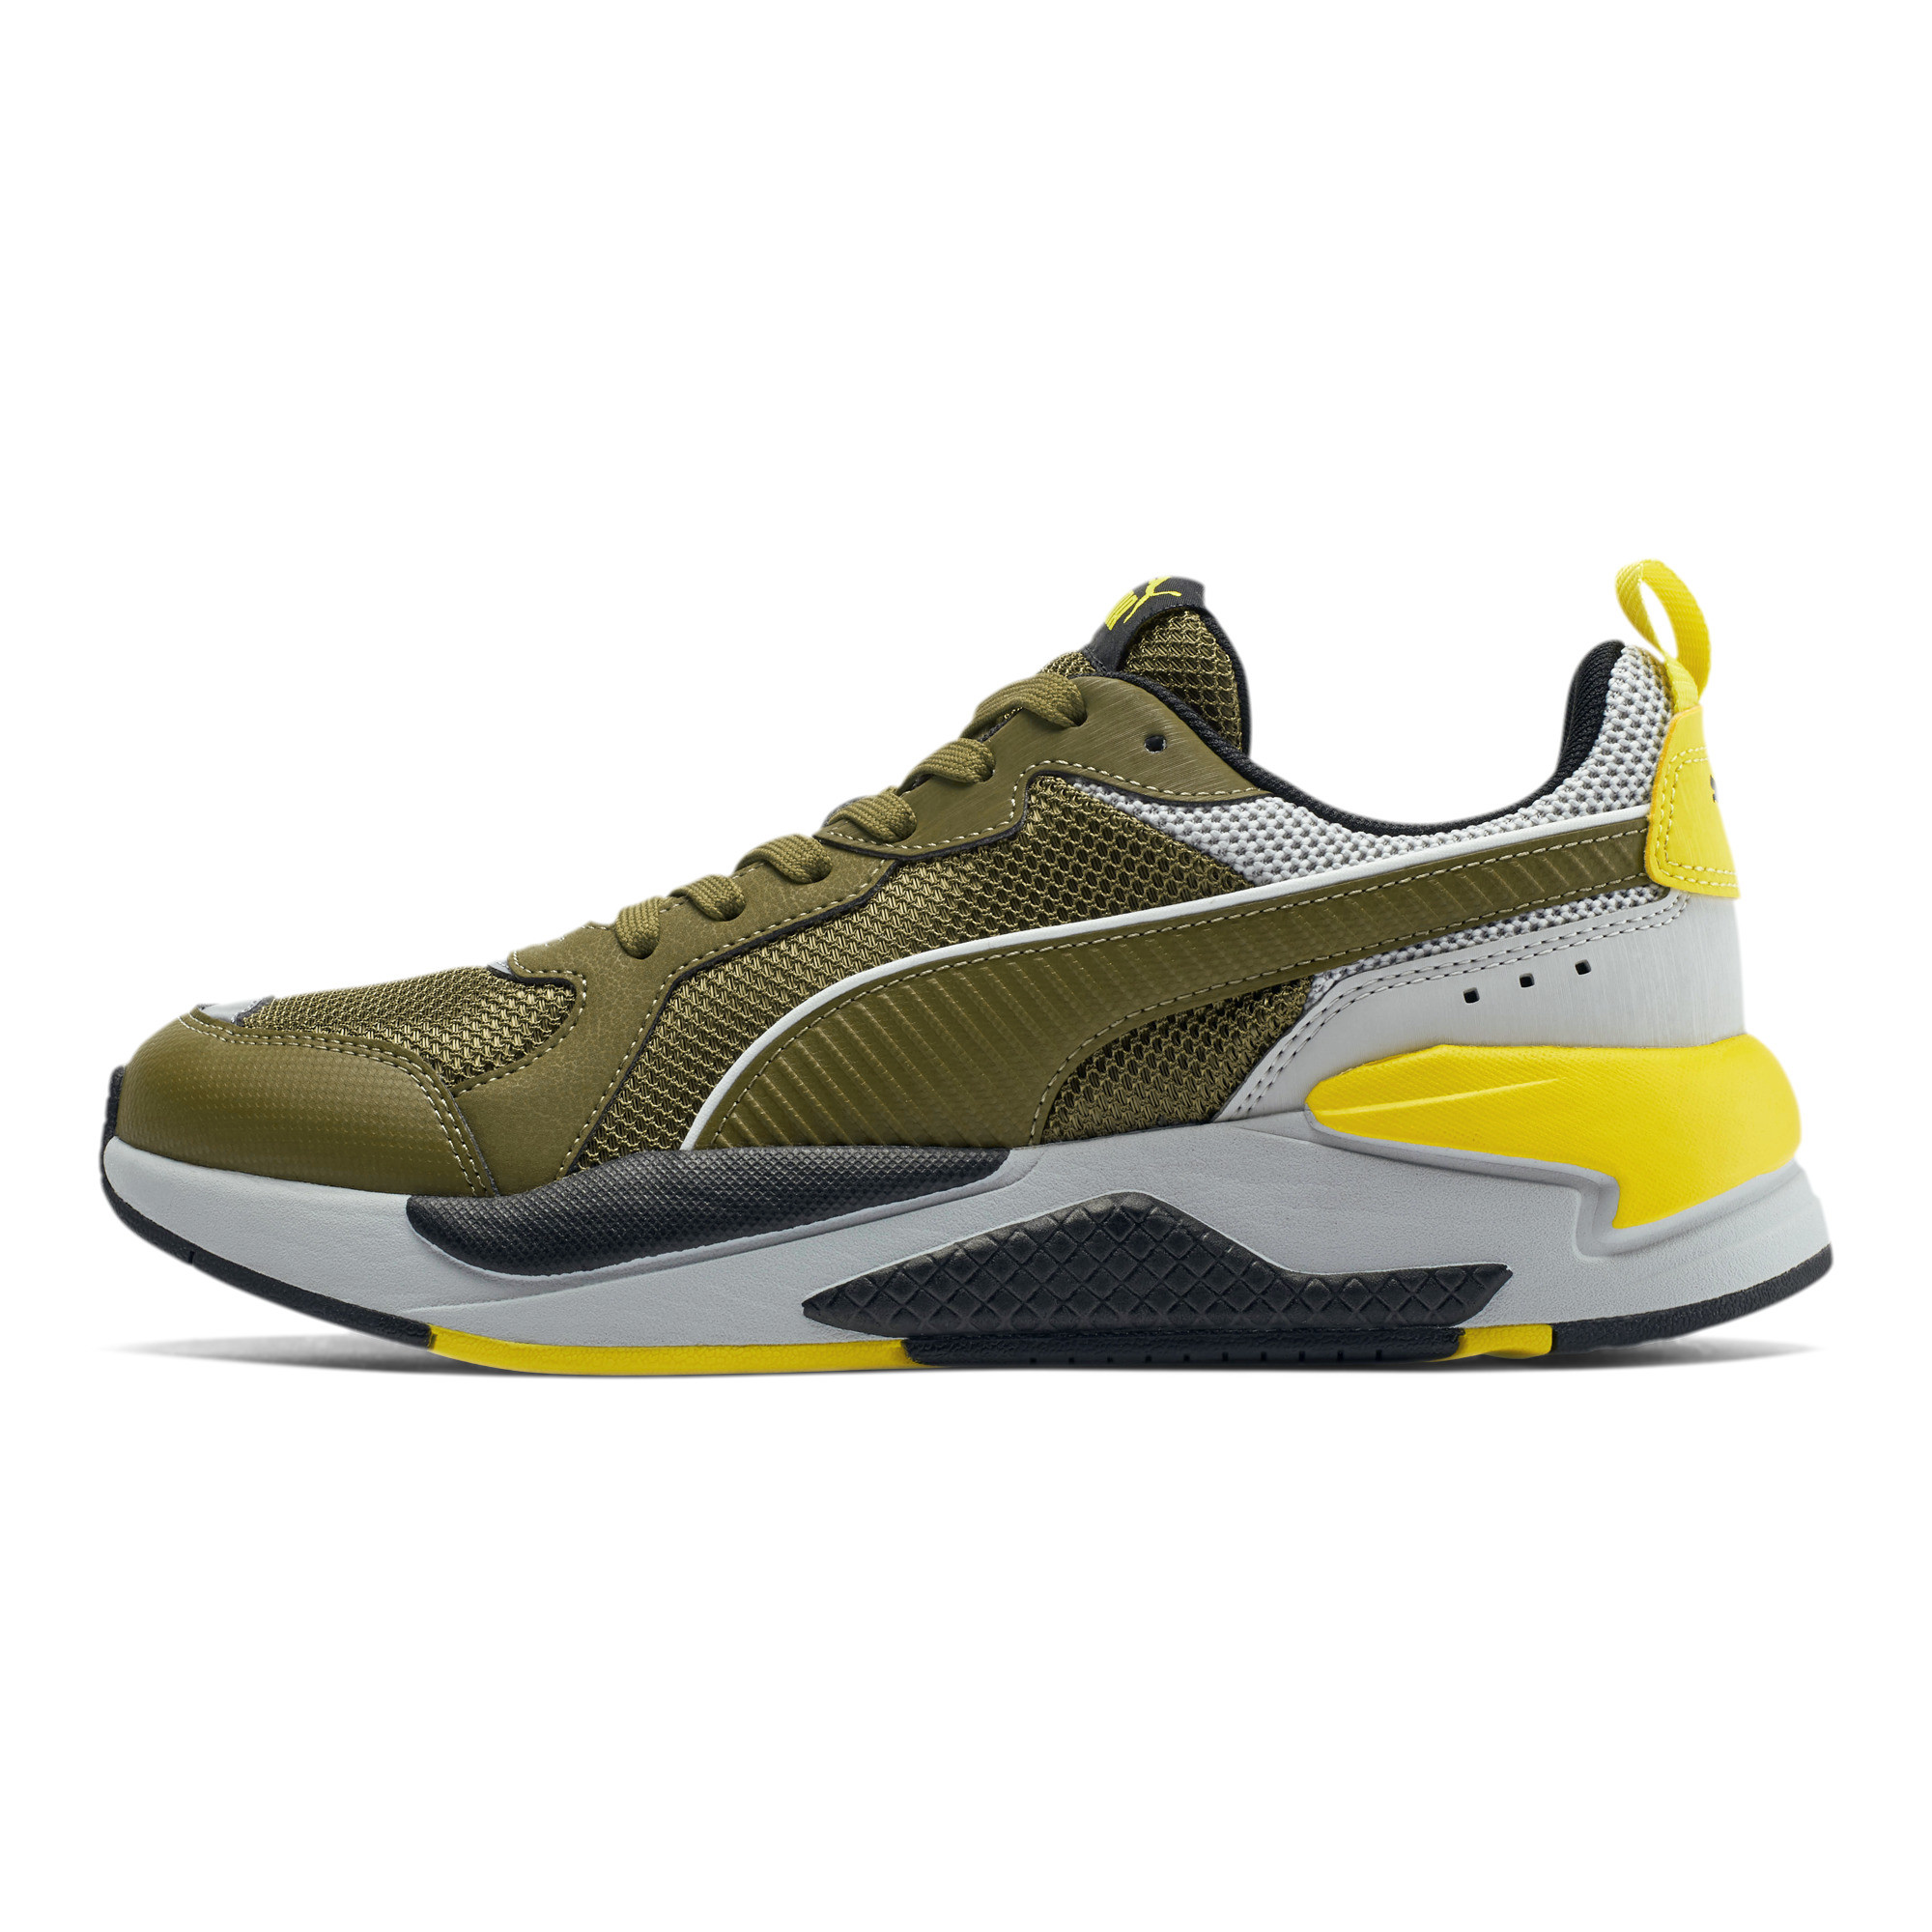 PUMA-X-RAY-Mesh-Men-039-s-Sneakers-Men-Shoe-Basics thumbnail 10